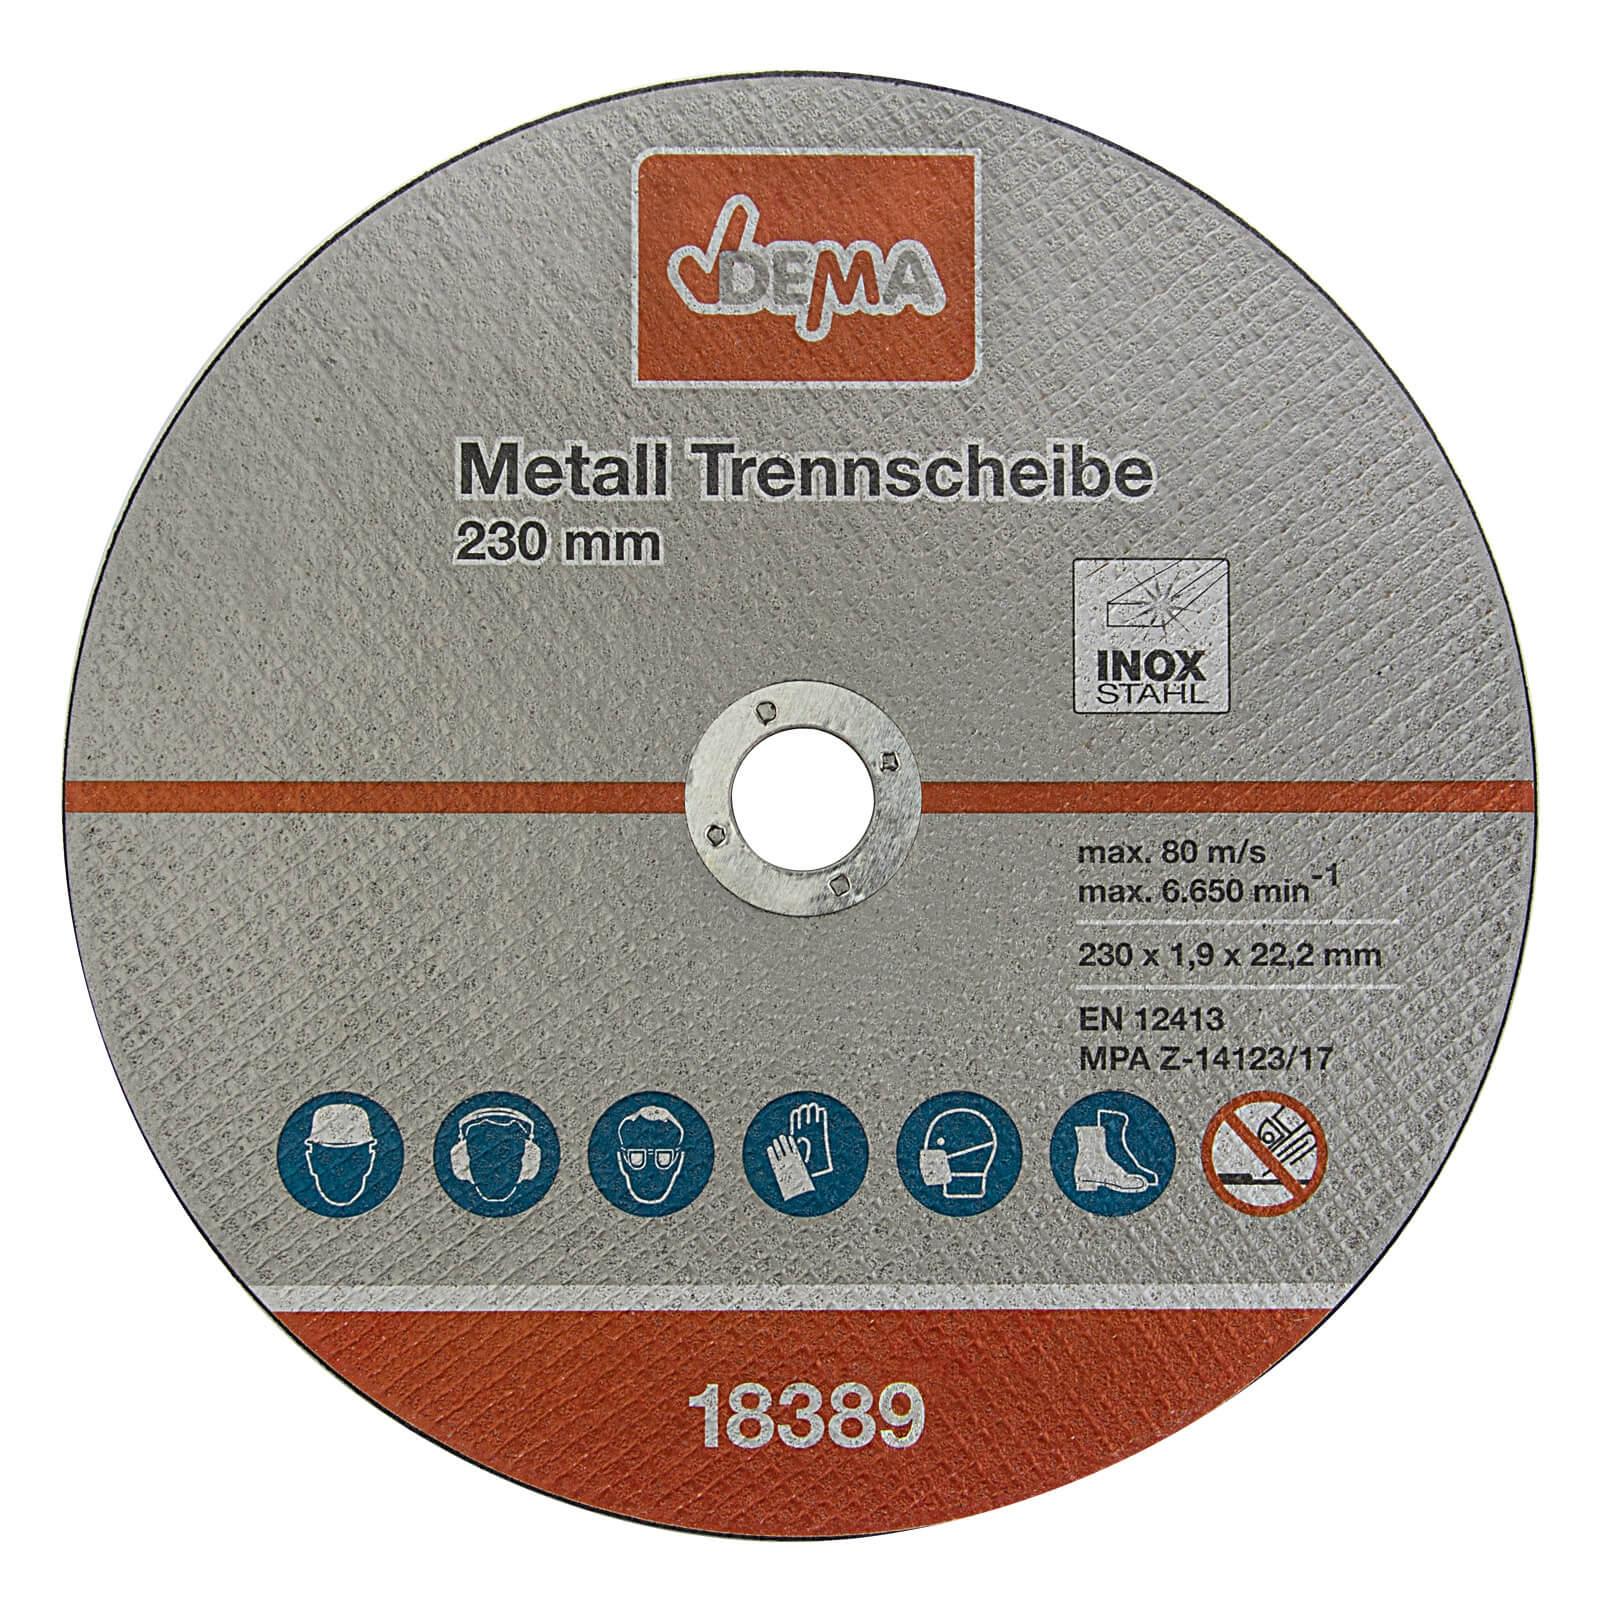 Häufig Metall Trennscheiben Set 25er 230 mm / 1,9 LC61